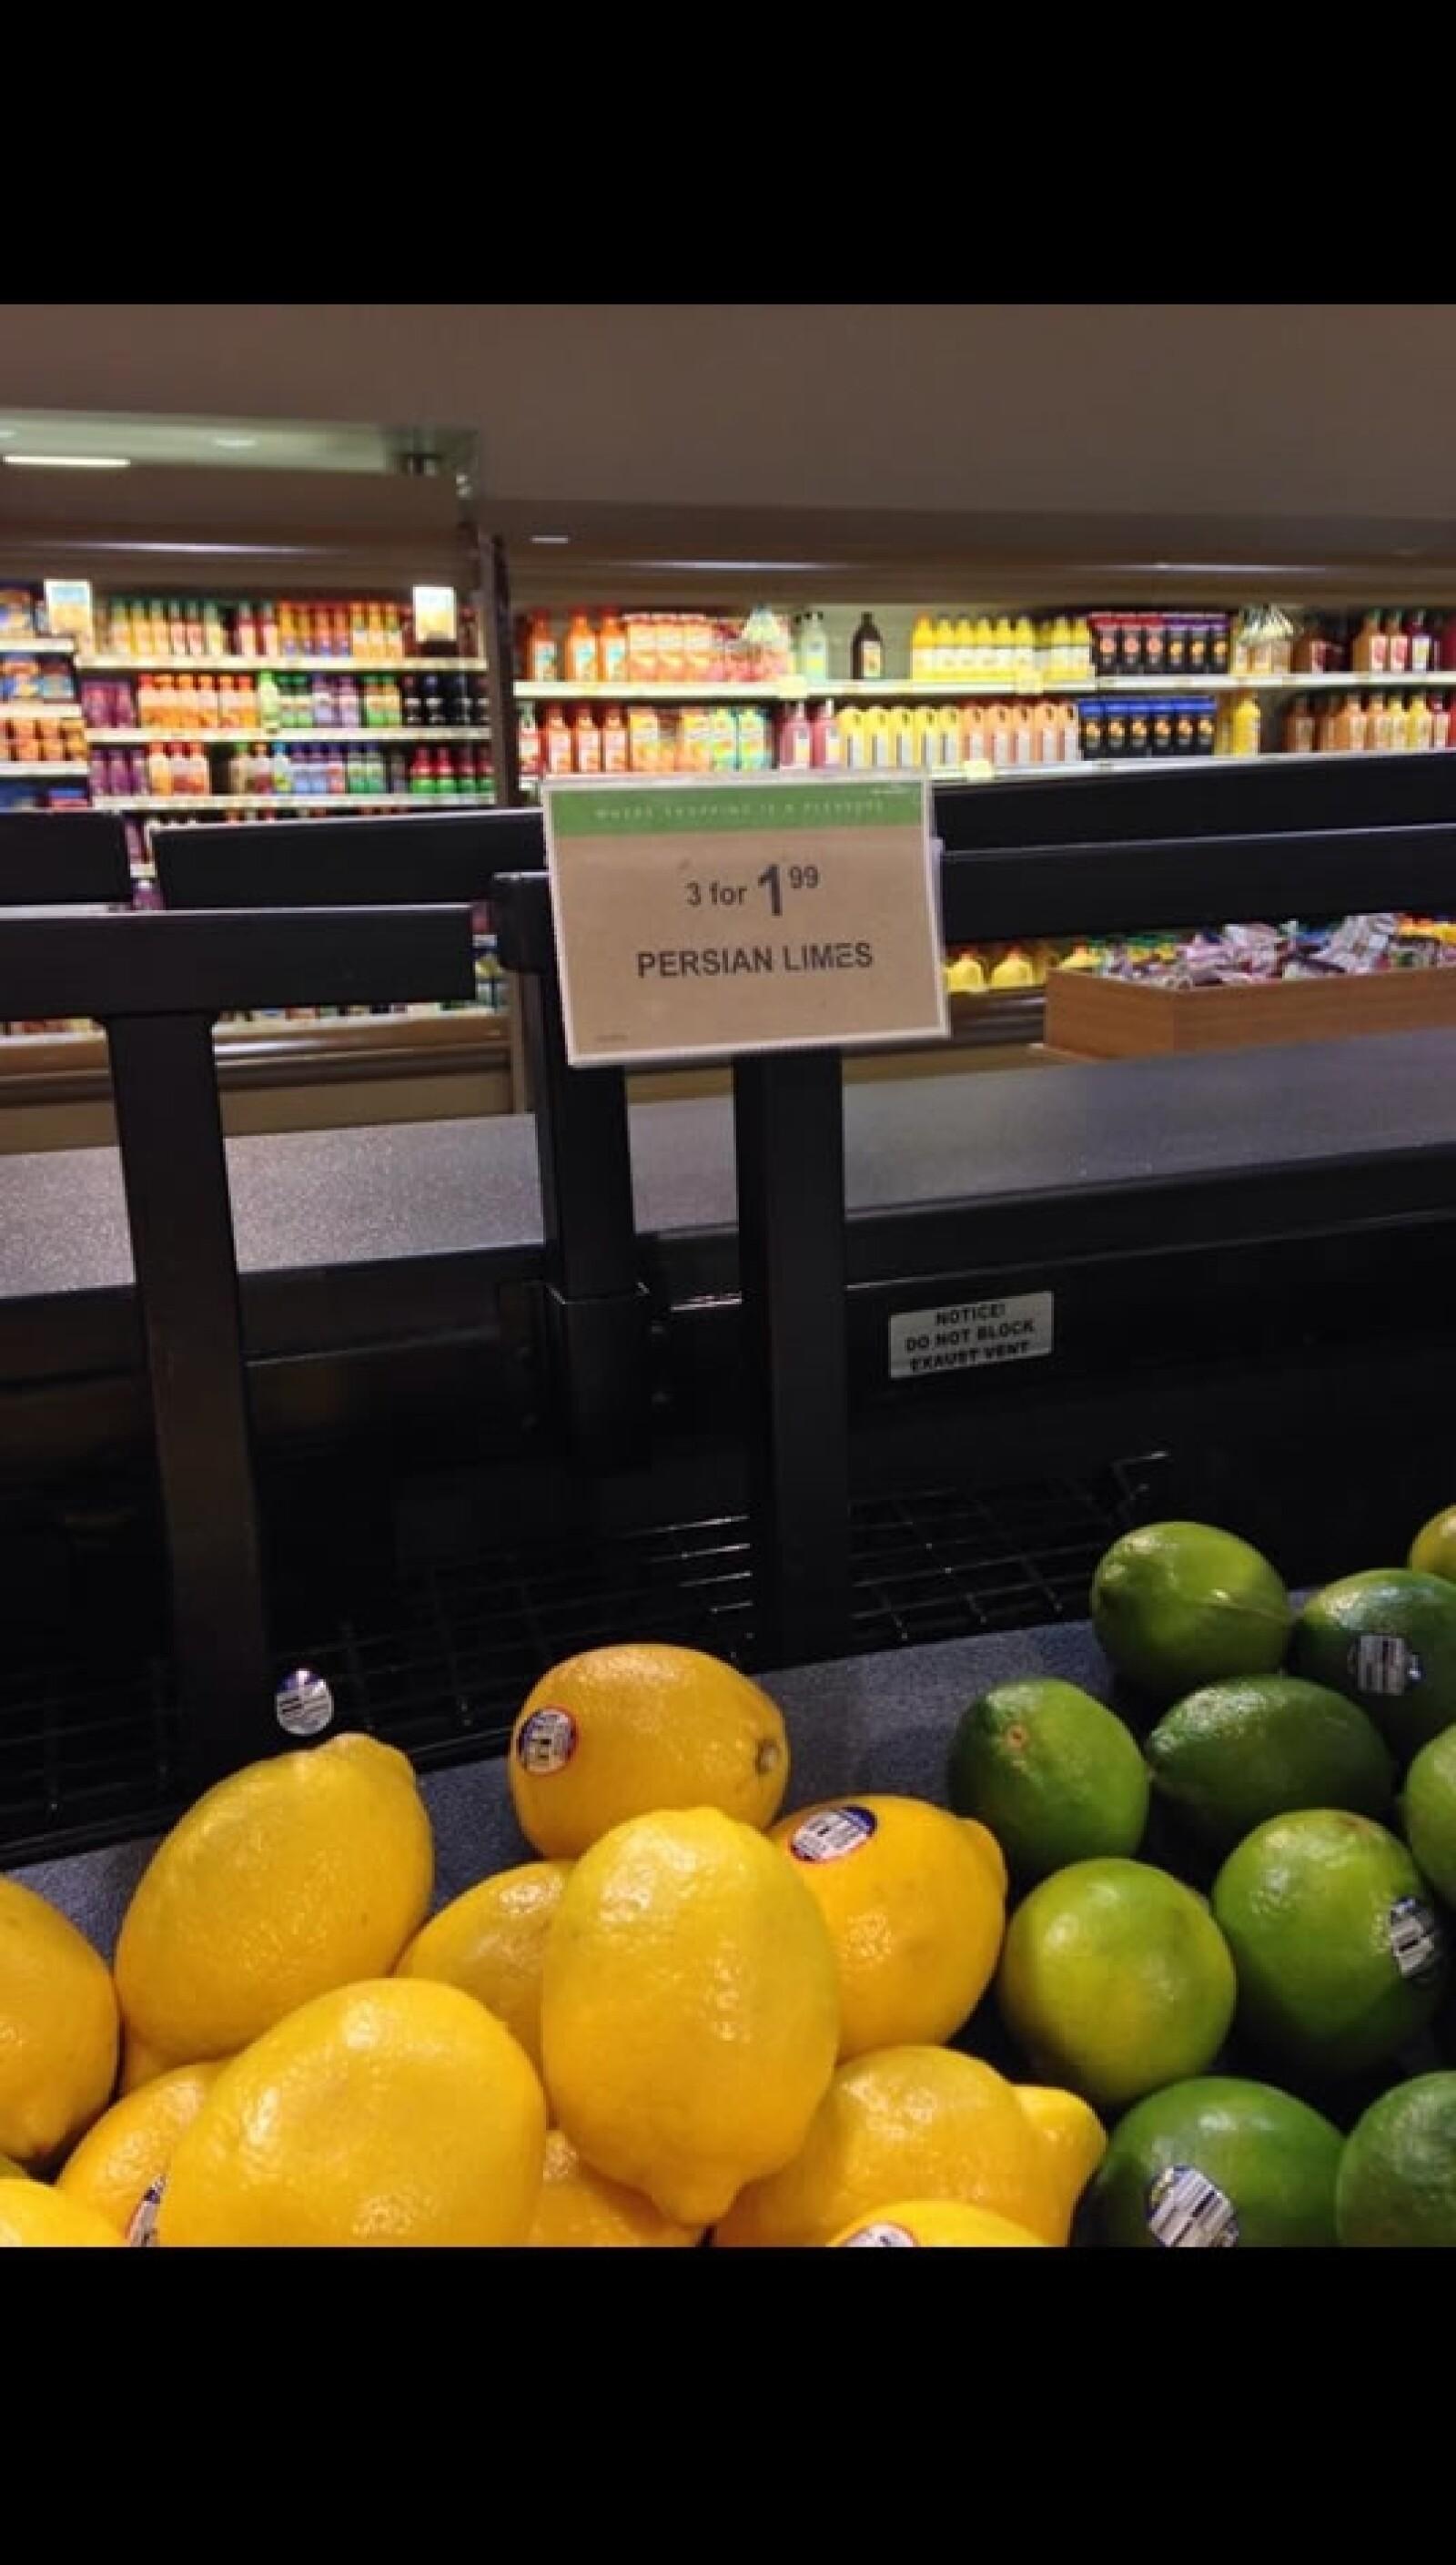 En el supermercado Publix, en el barrio de Buckhead en Atlanta, los limones verdes tipo mexicano cuestan 3 por 1.99 dólares